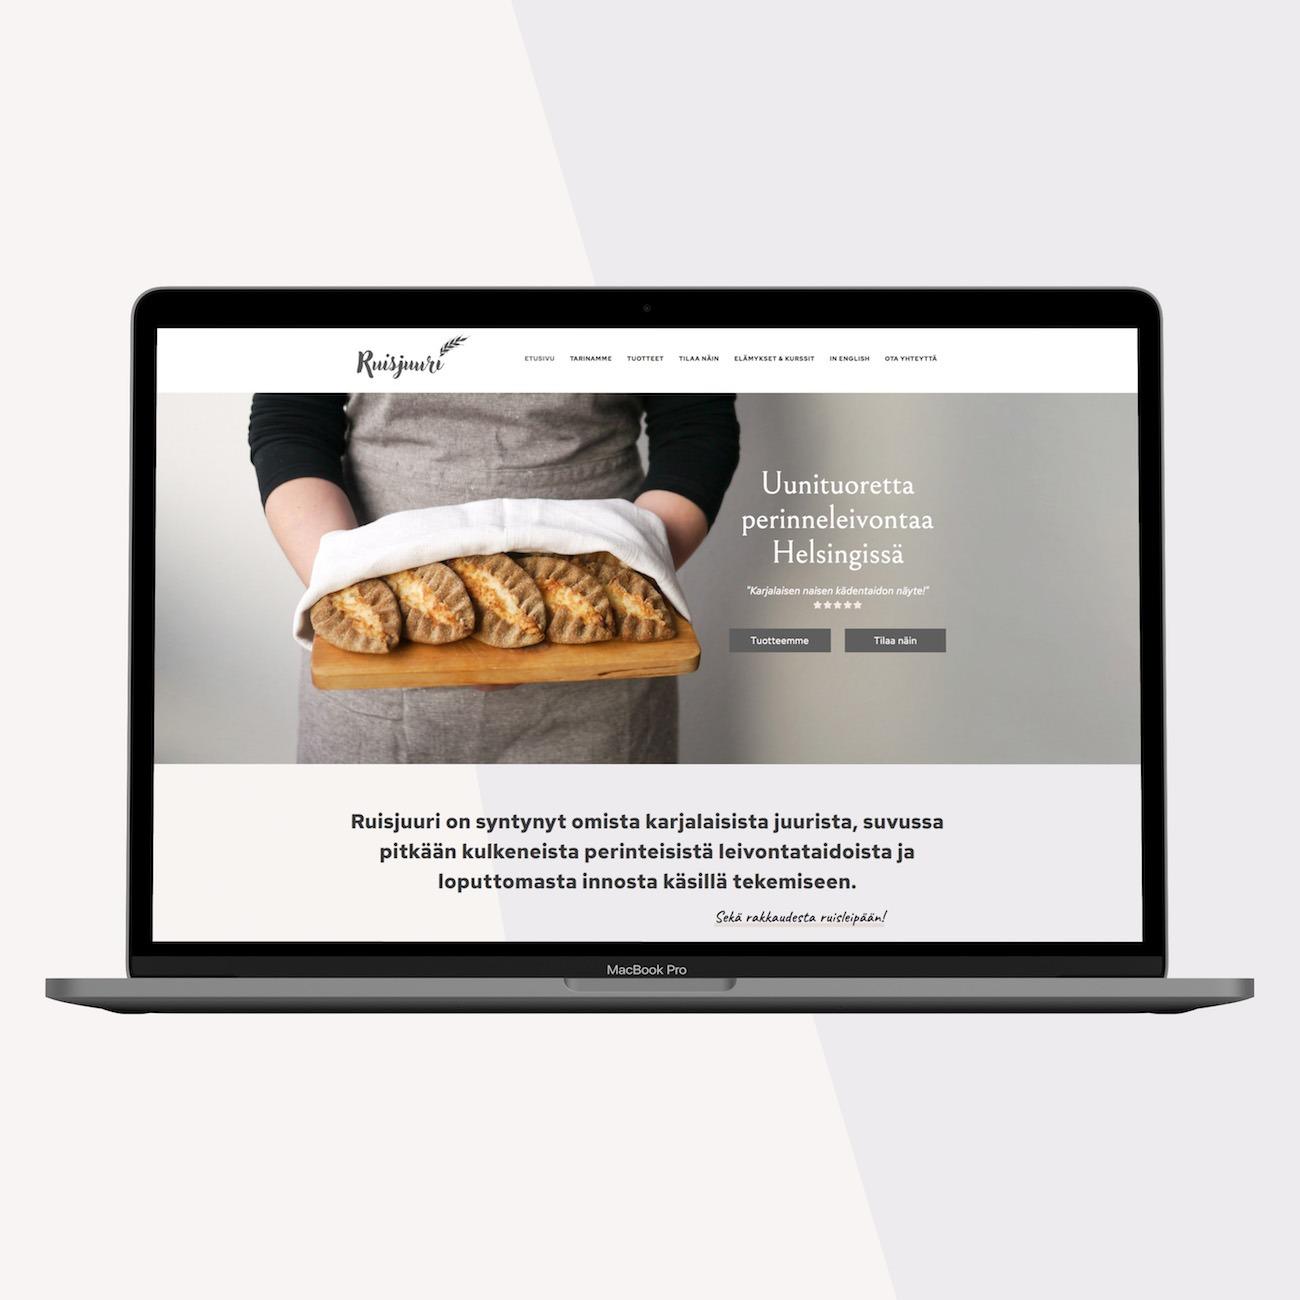 Ruisjuuri leipomo nettisivut